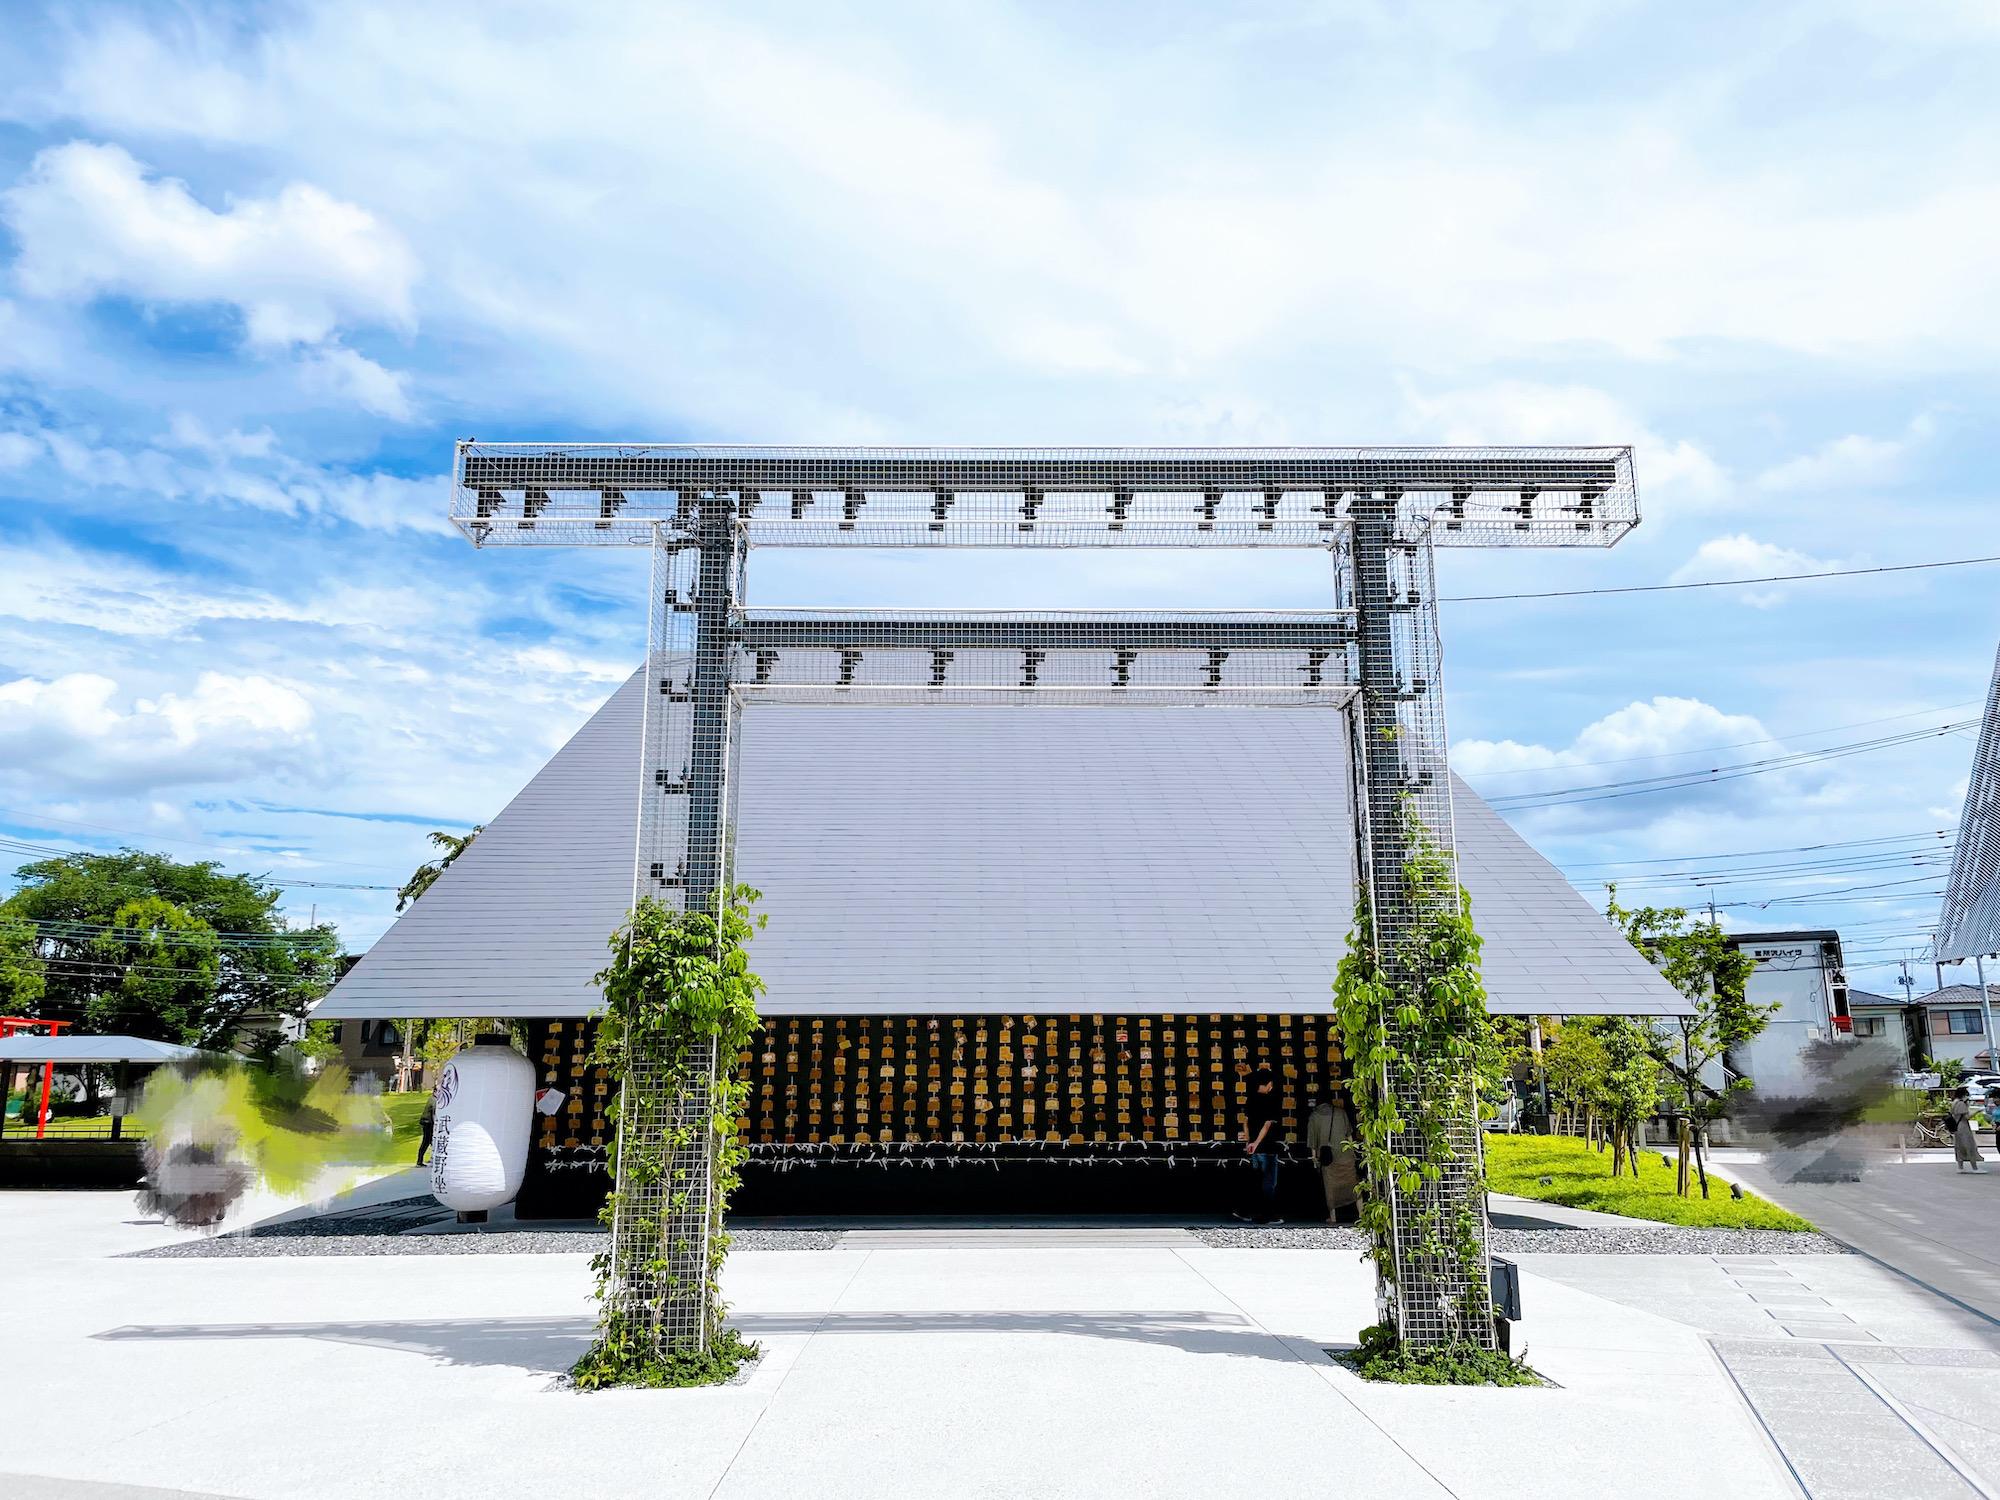 角川武蔵野ミュージアム周辺で、大人も楽しめる観光スポット周遊♪_6